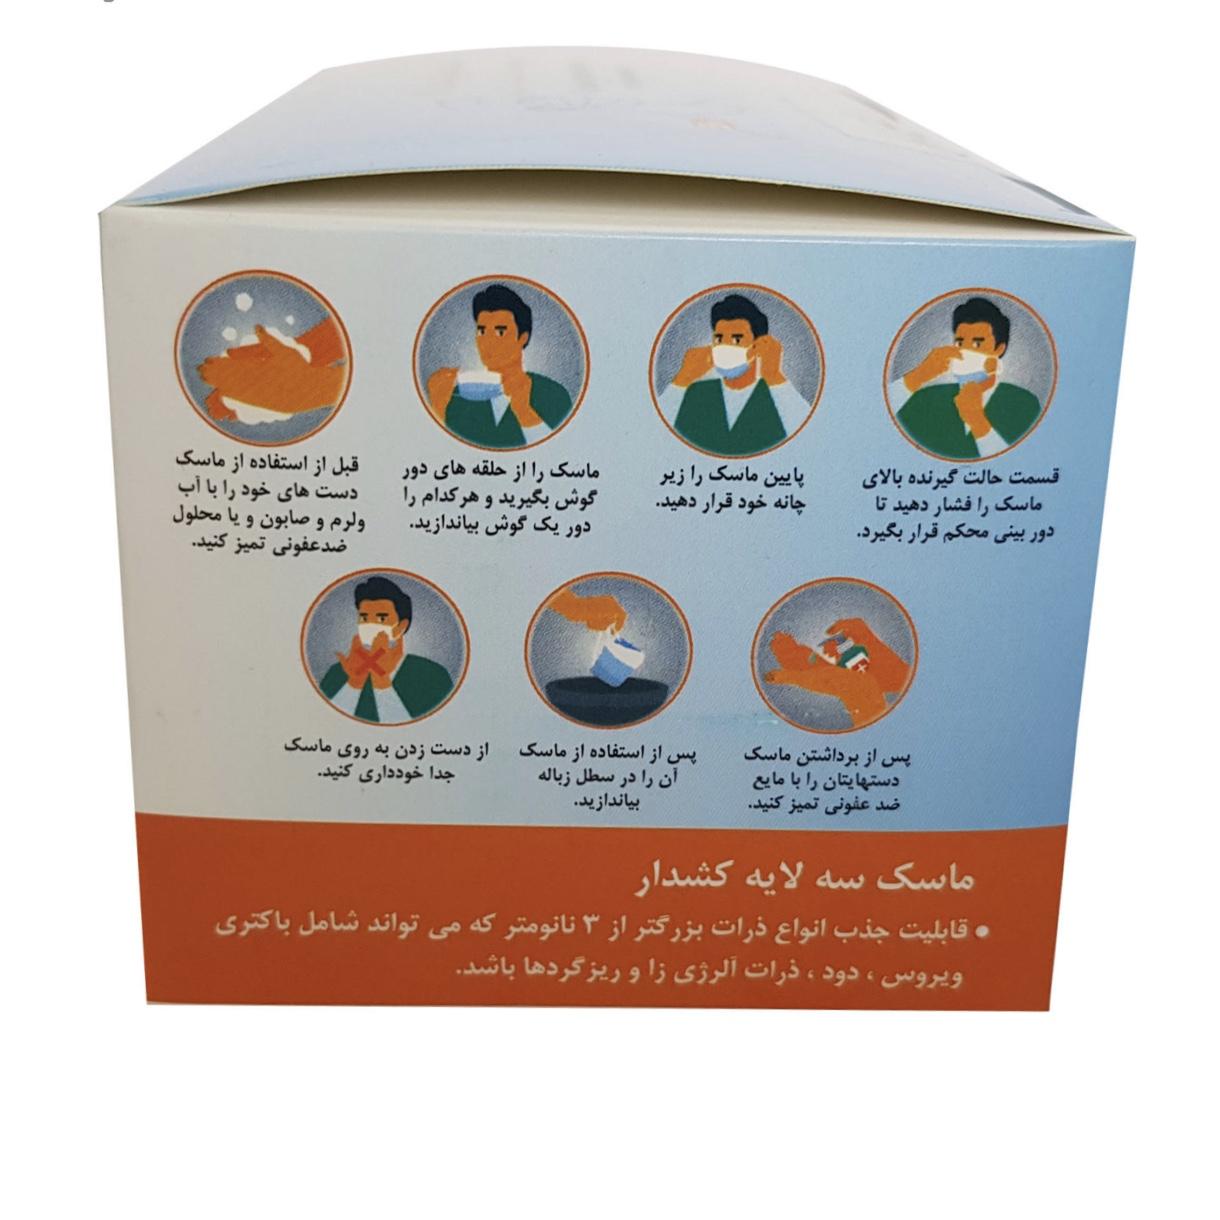 ماسک تنفسی مدل MZ بسته 3000 عددی